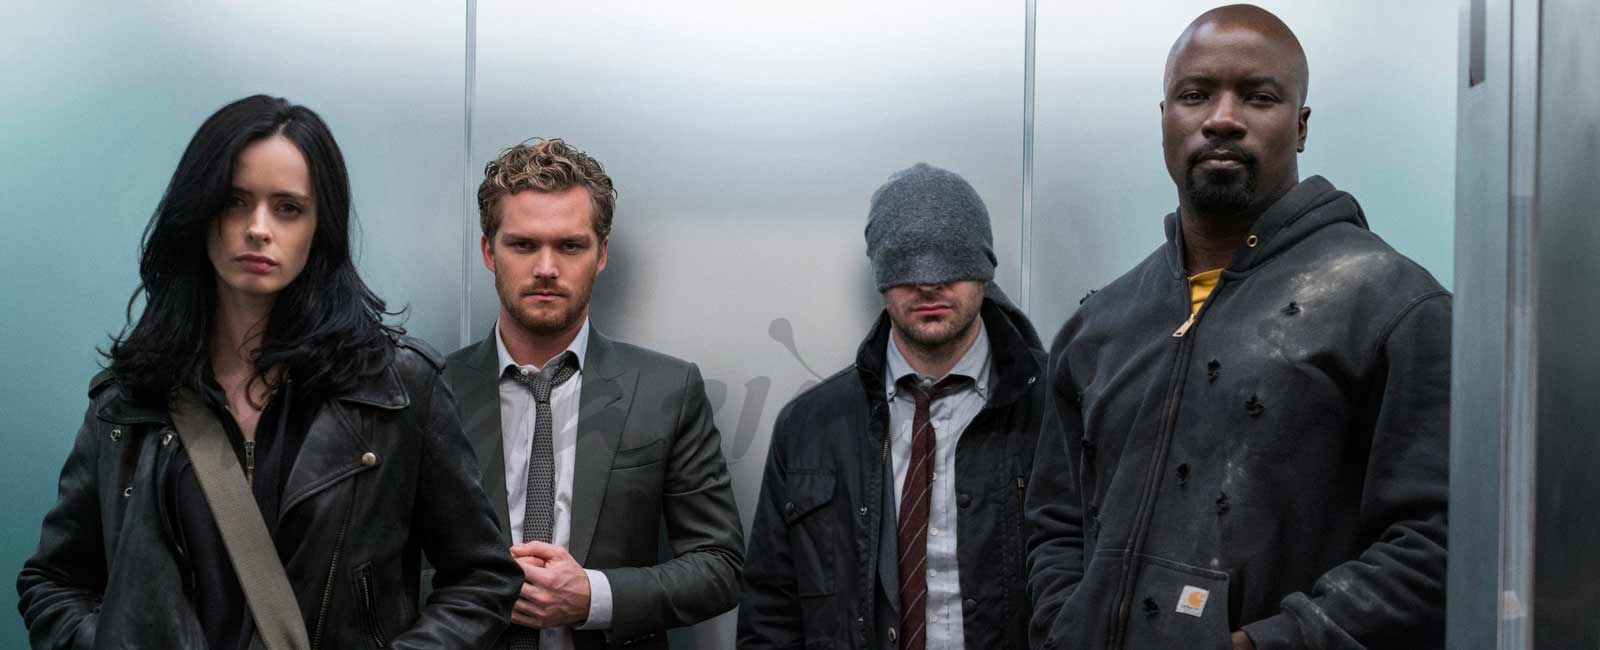 The Defenders © Netflix